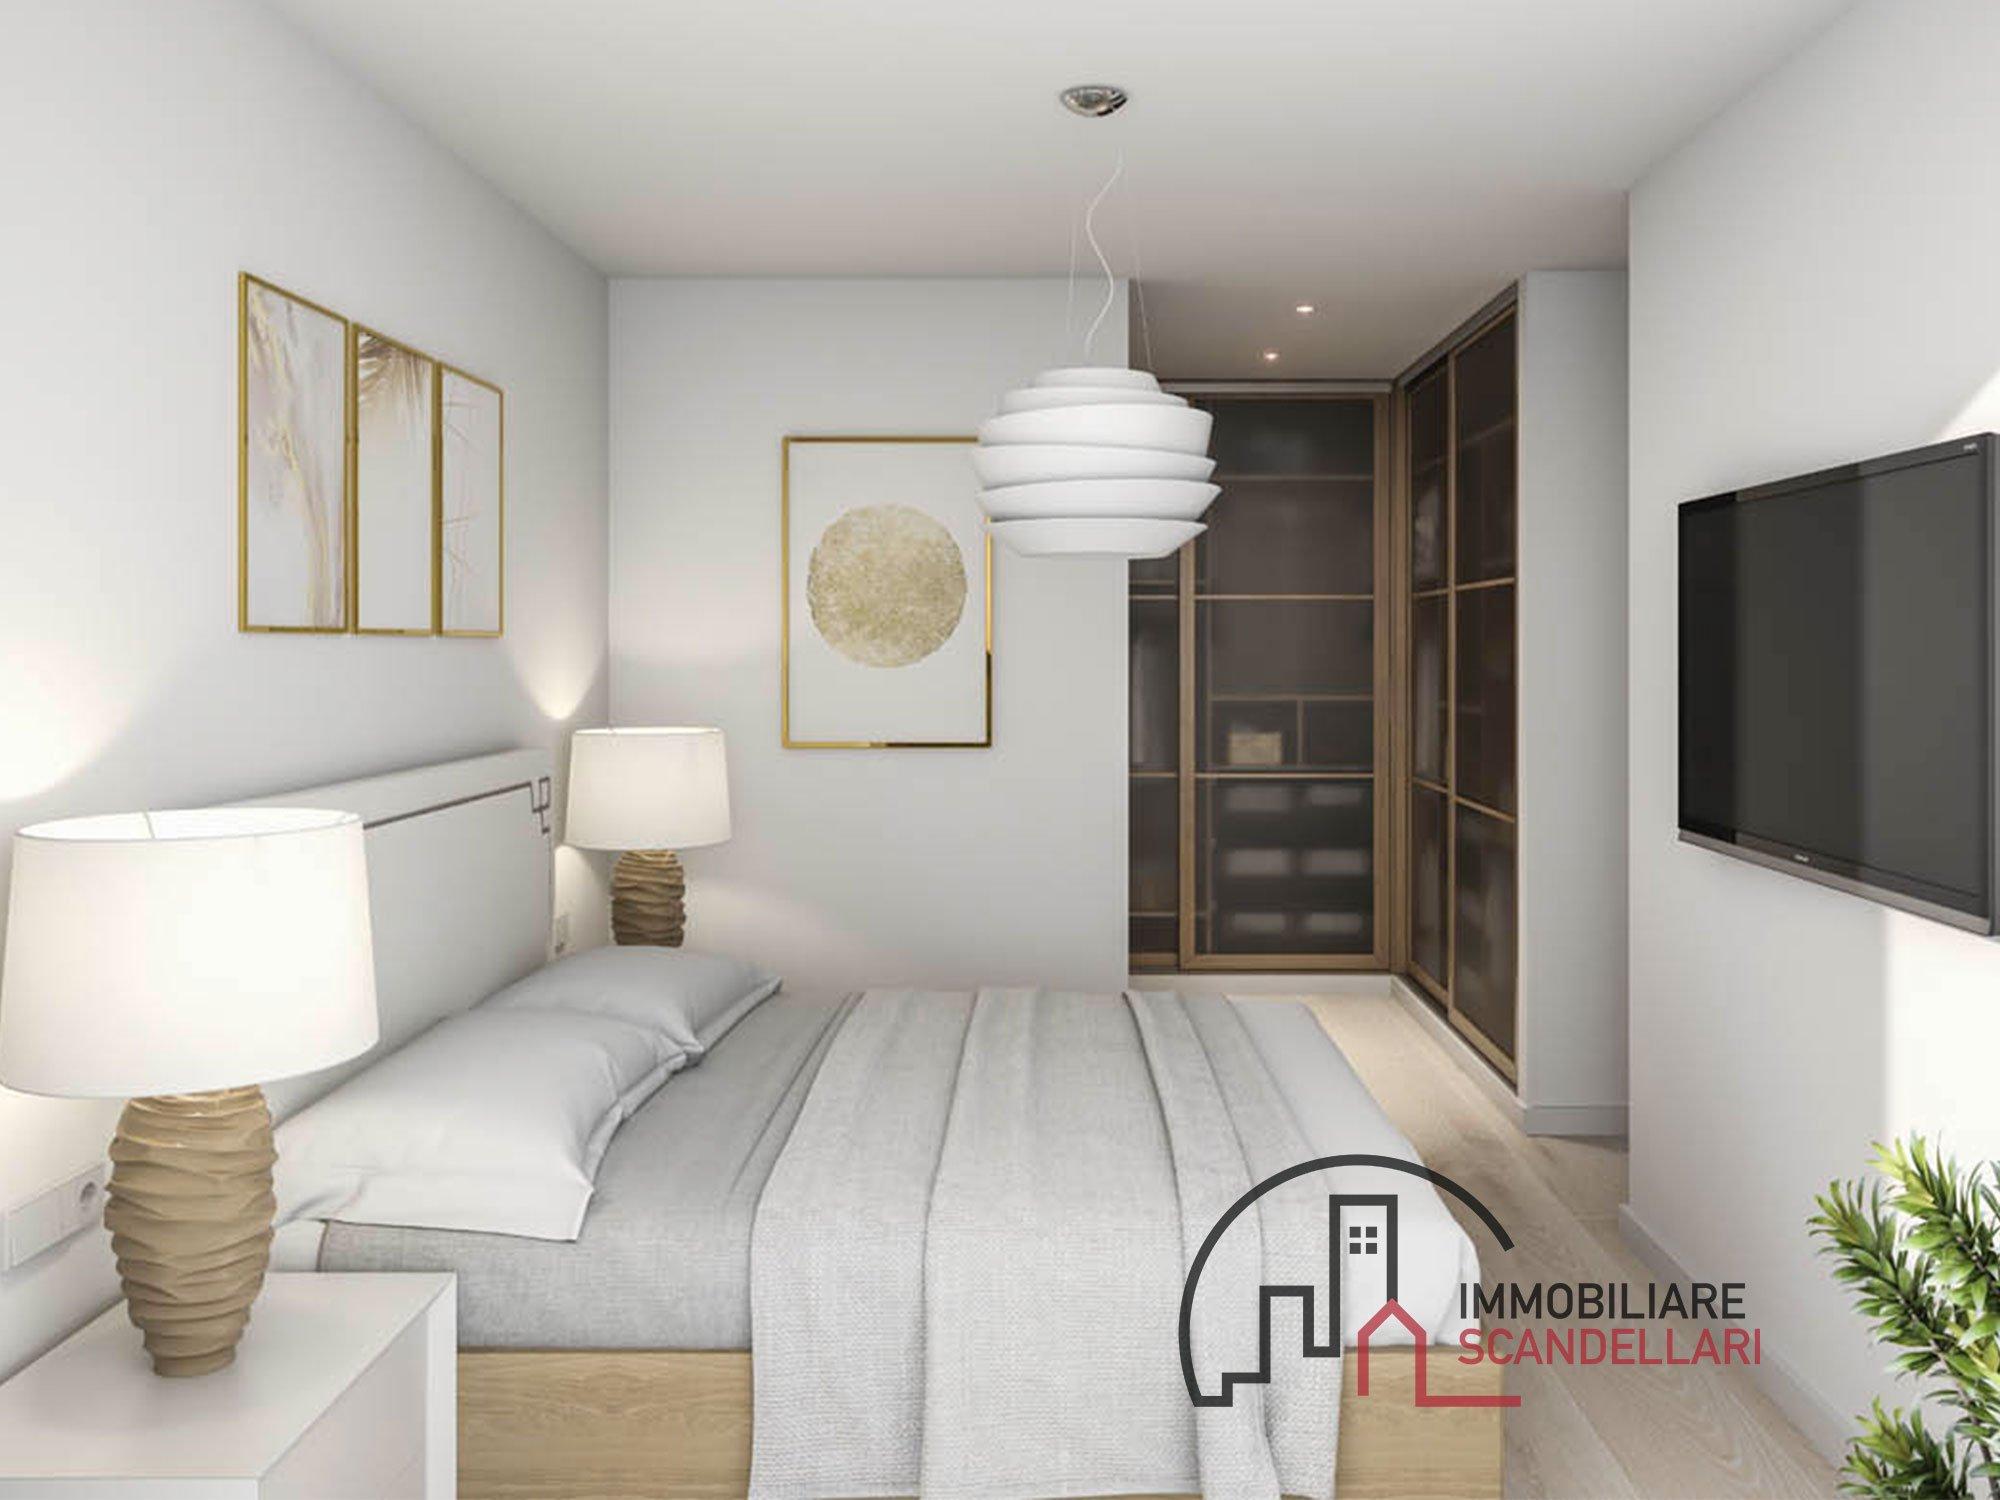 Rimini - Centro Storico - Nuovi appartamenti ristrutturati Classe A - Immobiliare Scandellari